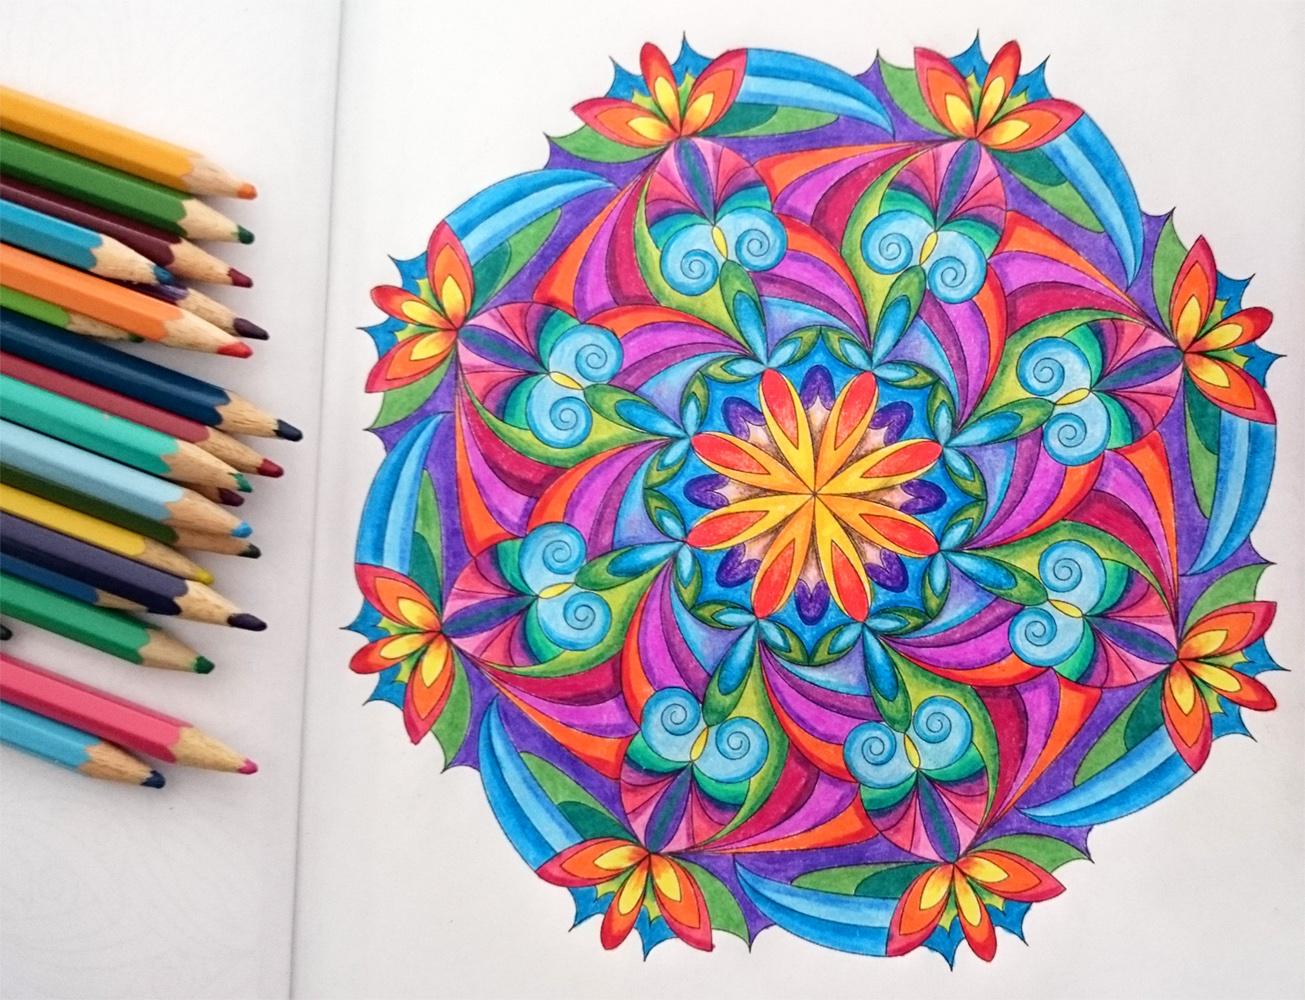 Malbuch für Erwachsene: Mandala mit Buntstiften ausgemalt